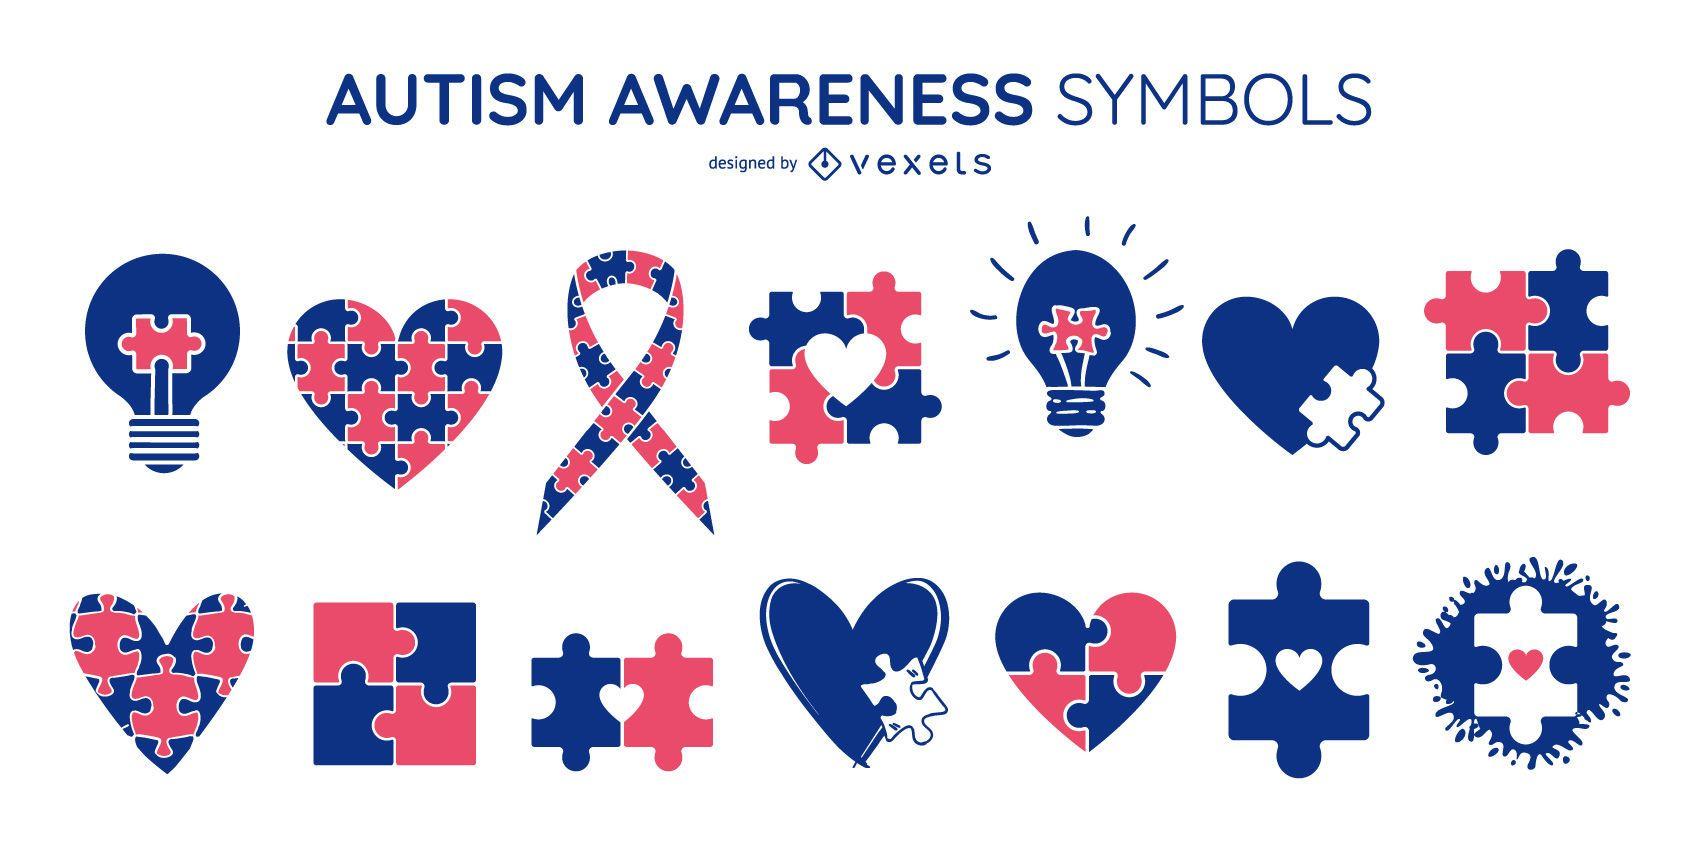 Farbiges Symbolpaket für Autismusbewusstsein